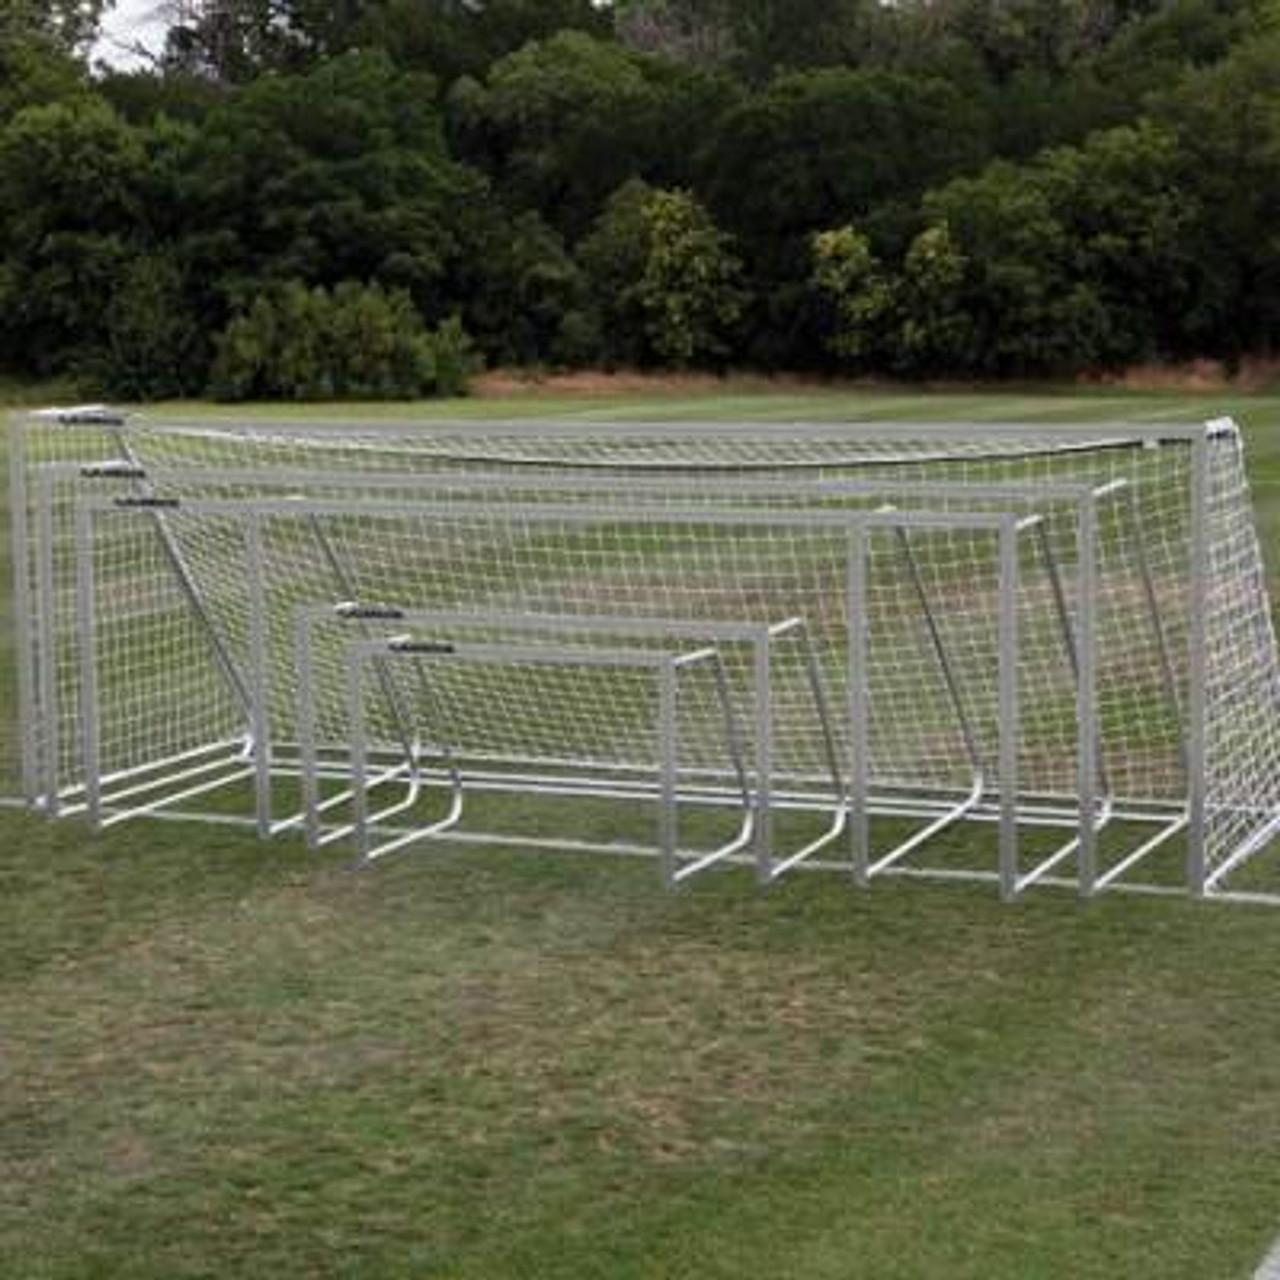 Alumagoal Soccer Goal 4.5x9 aluminum finish